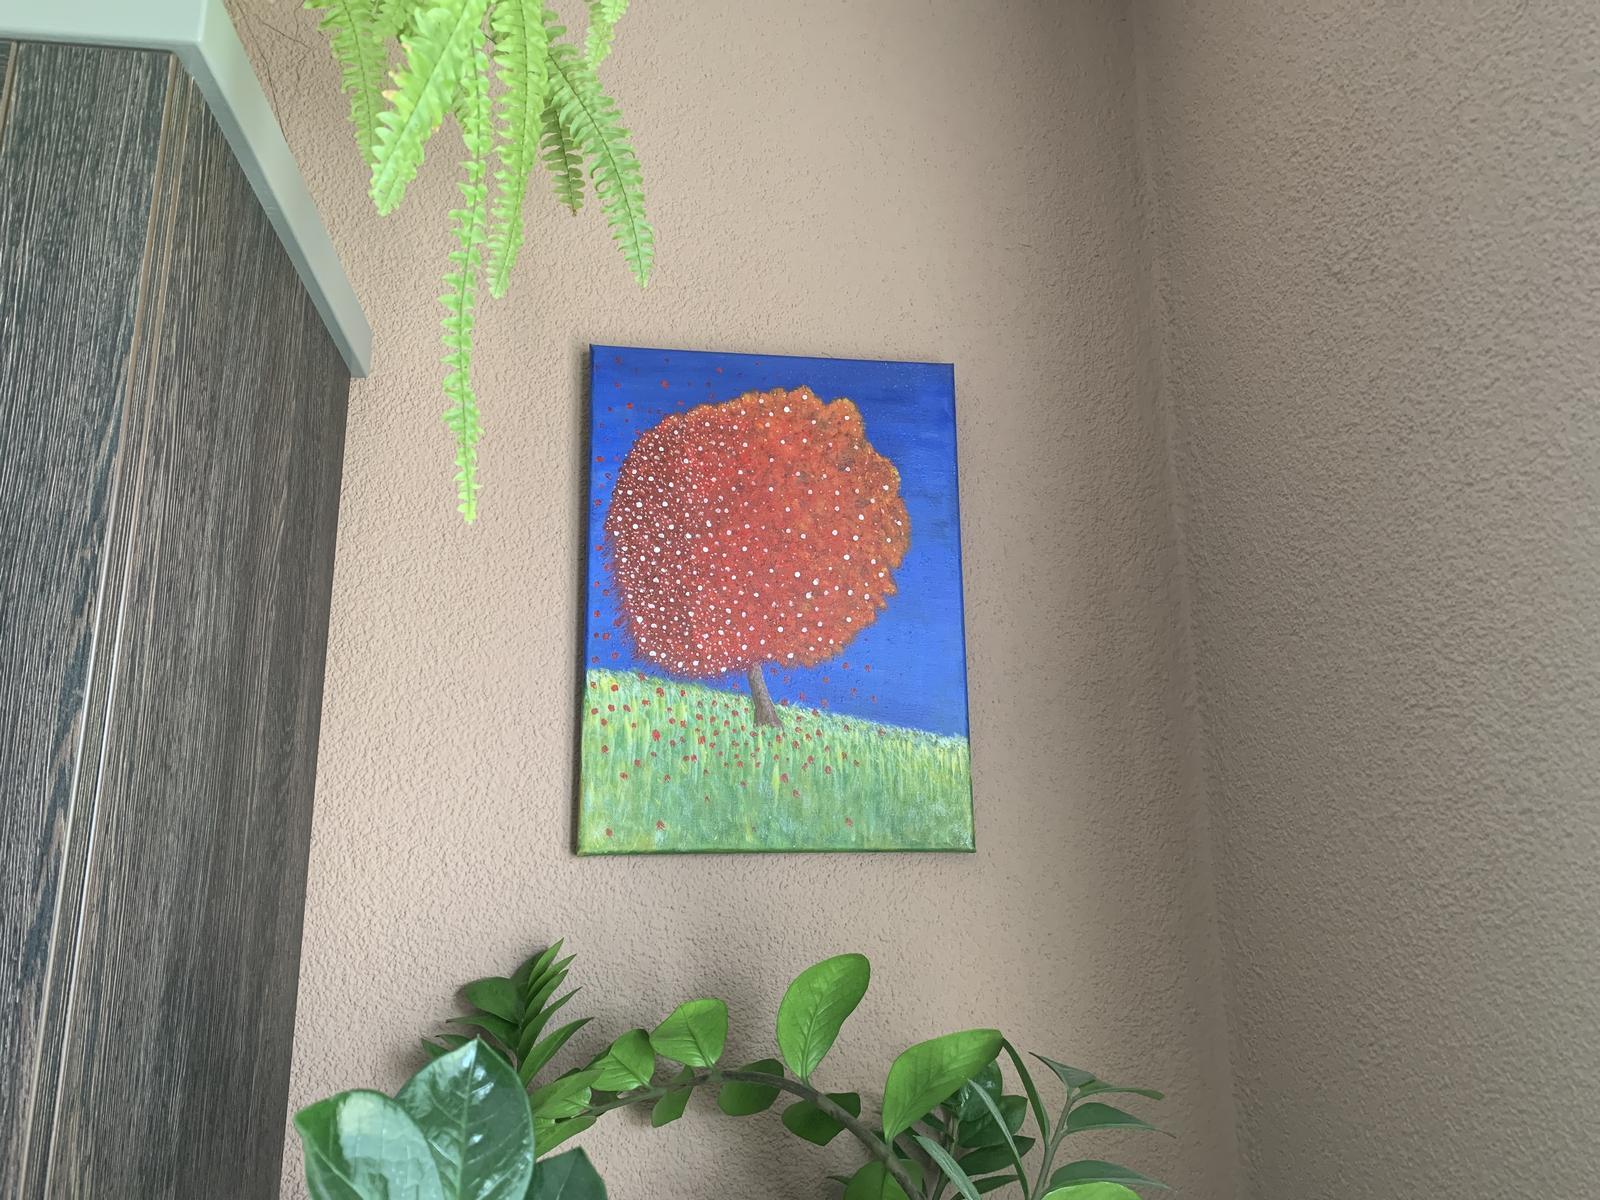 Obraz farebný strom abstract - Obrázok č. 1